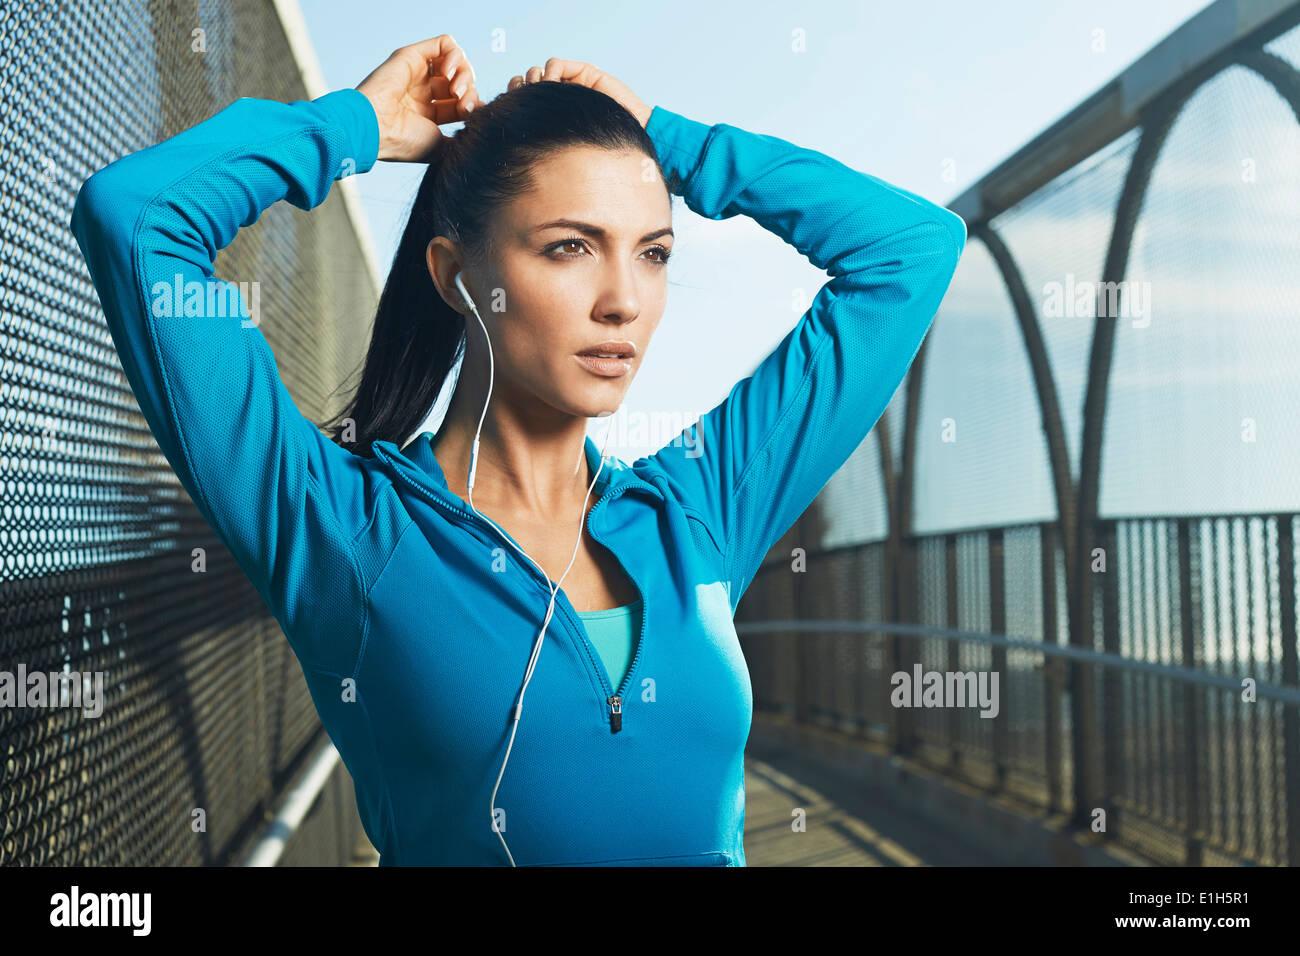 Mujer vistiendo ropa deportiva preparándose para ejecutar Imagen De Stock